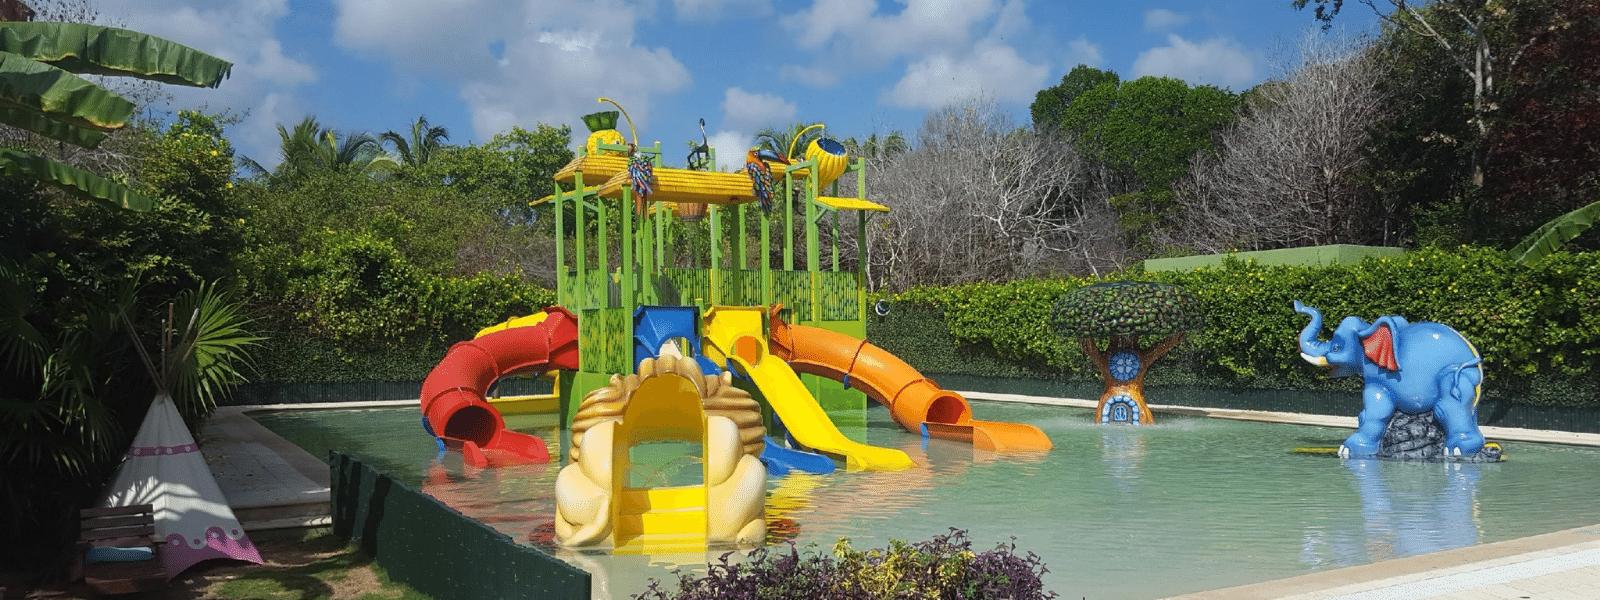 Dreams Tulum Resort & Spa, Tulum Mexico